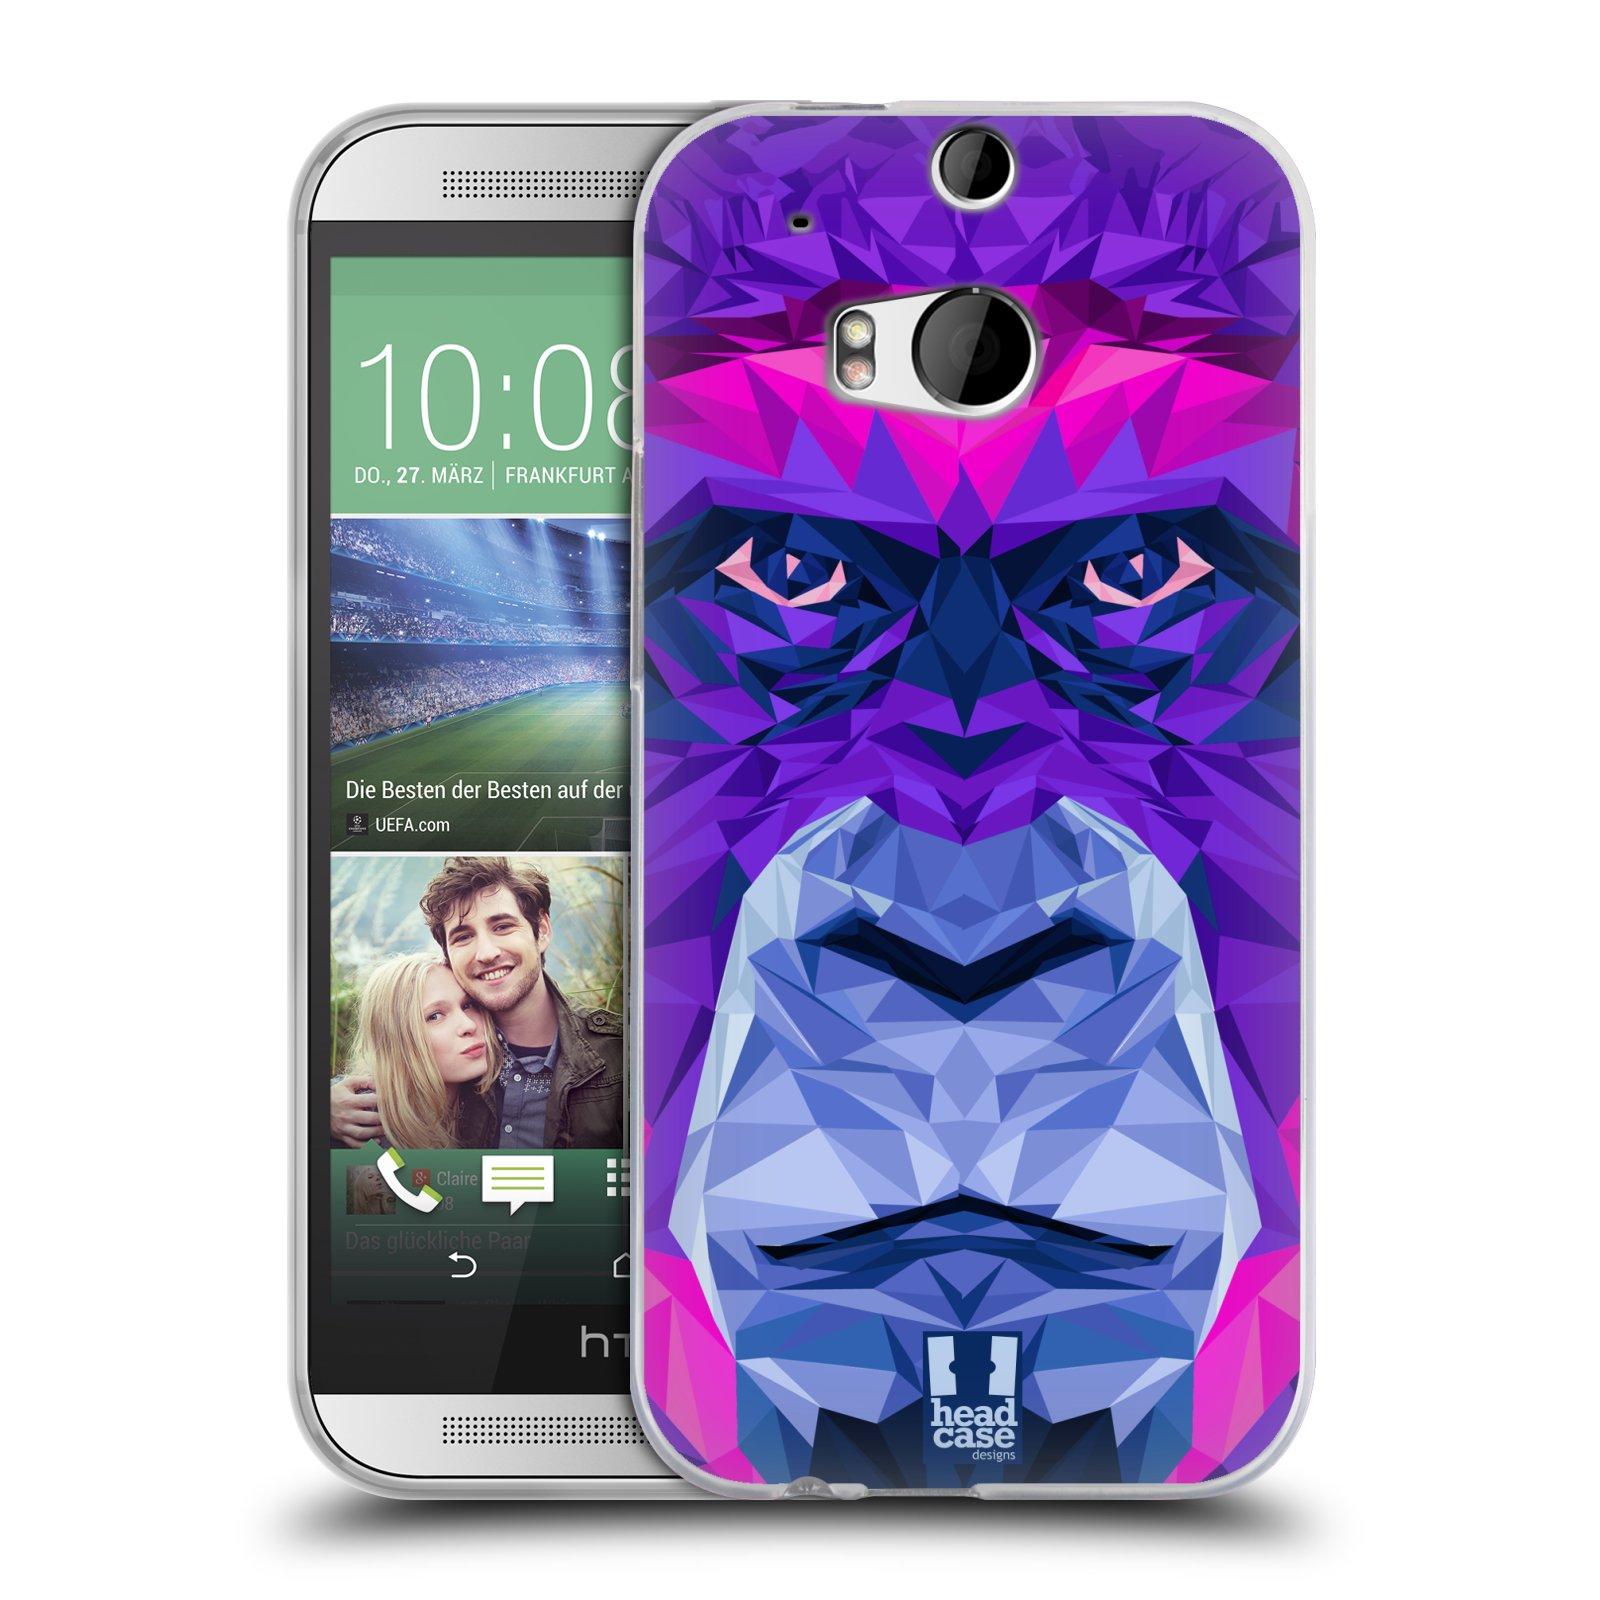 HEAD CASE silikonový obal na mobil HTC ONE (M8) vzor Geometrická zvířata 2 Orangutan